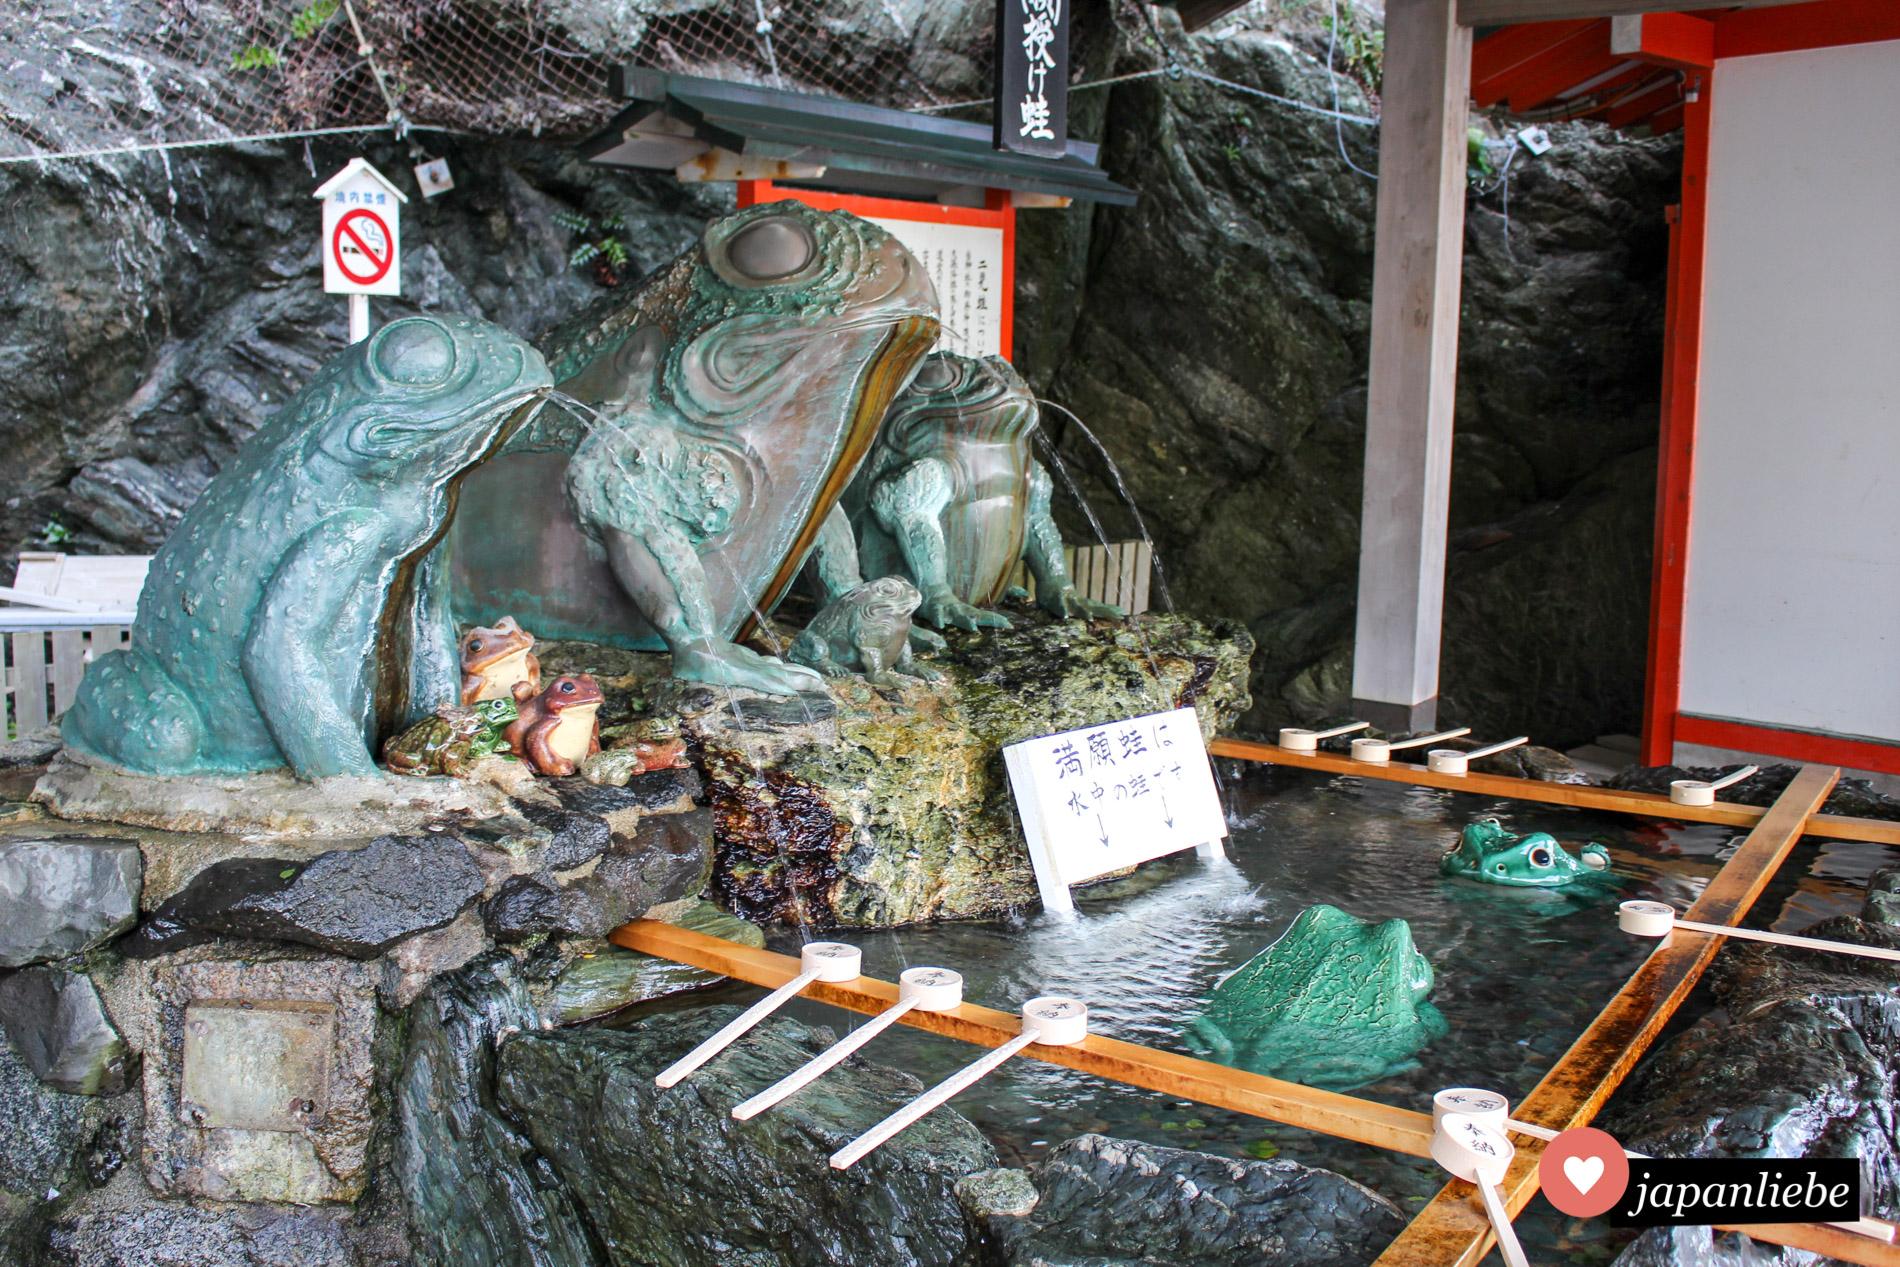 Der Futami Okitama Schrein steht ganz im Zeichen der Frösche. Dementsprechend gestaltet ist der Schreinbrunnen, an dem man sich vor dem Schreinbesuch rituell reinigt.